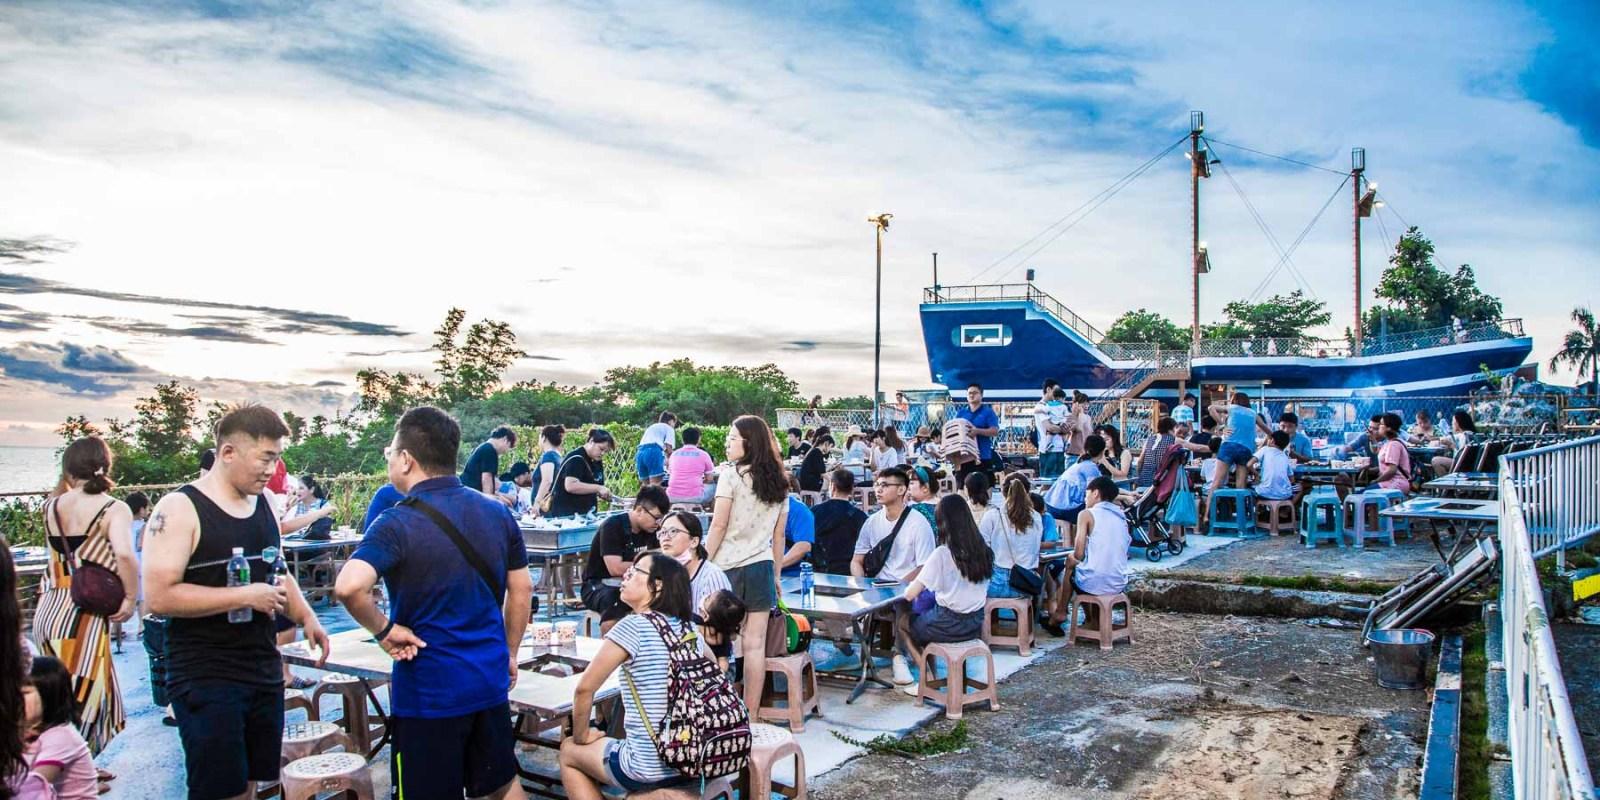 [小琉球美食]小琉球金獅子號/小琉球最美景觀餐廳,海景第一排夕陽超無敵!